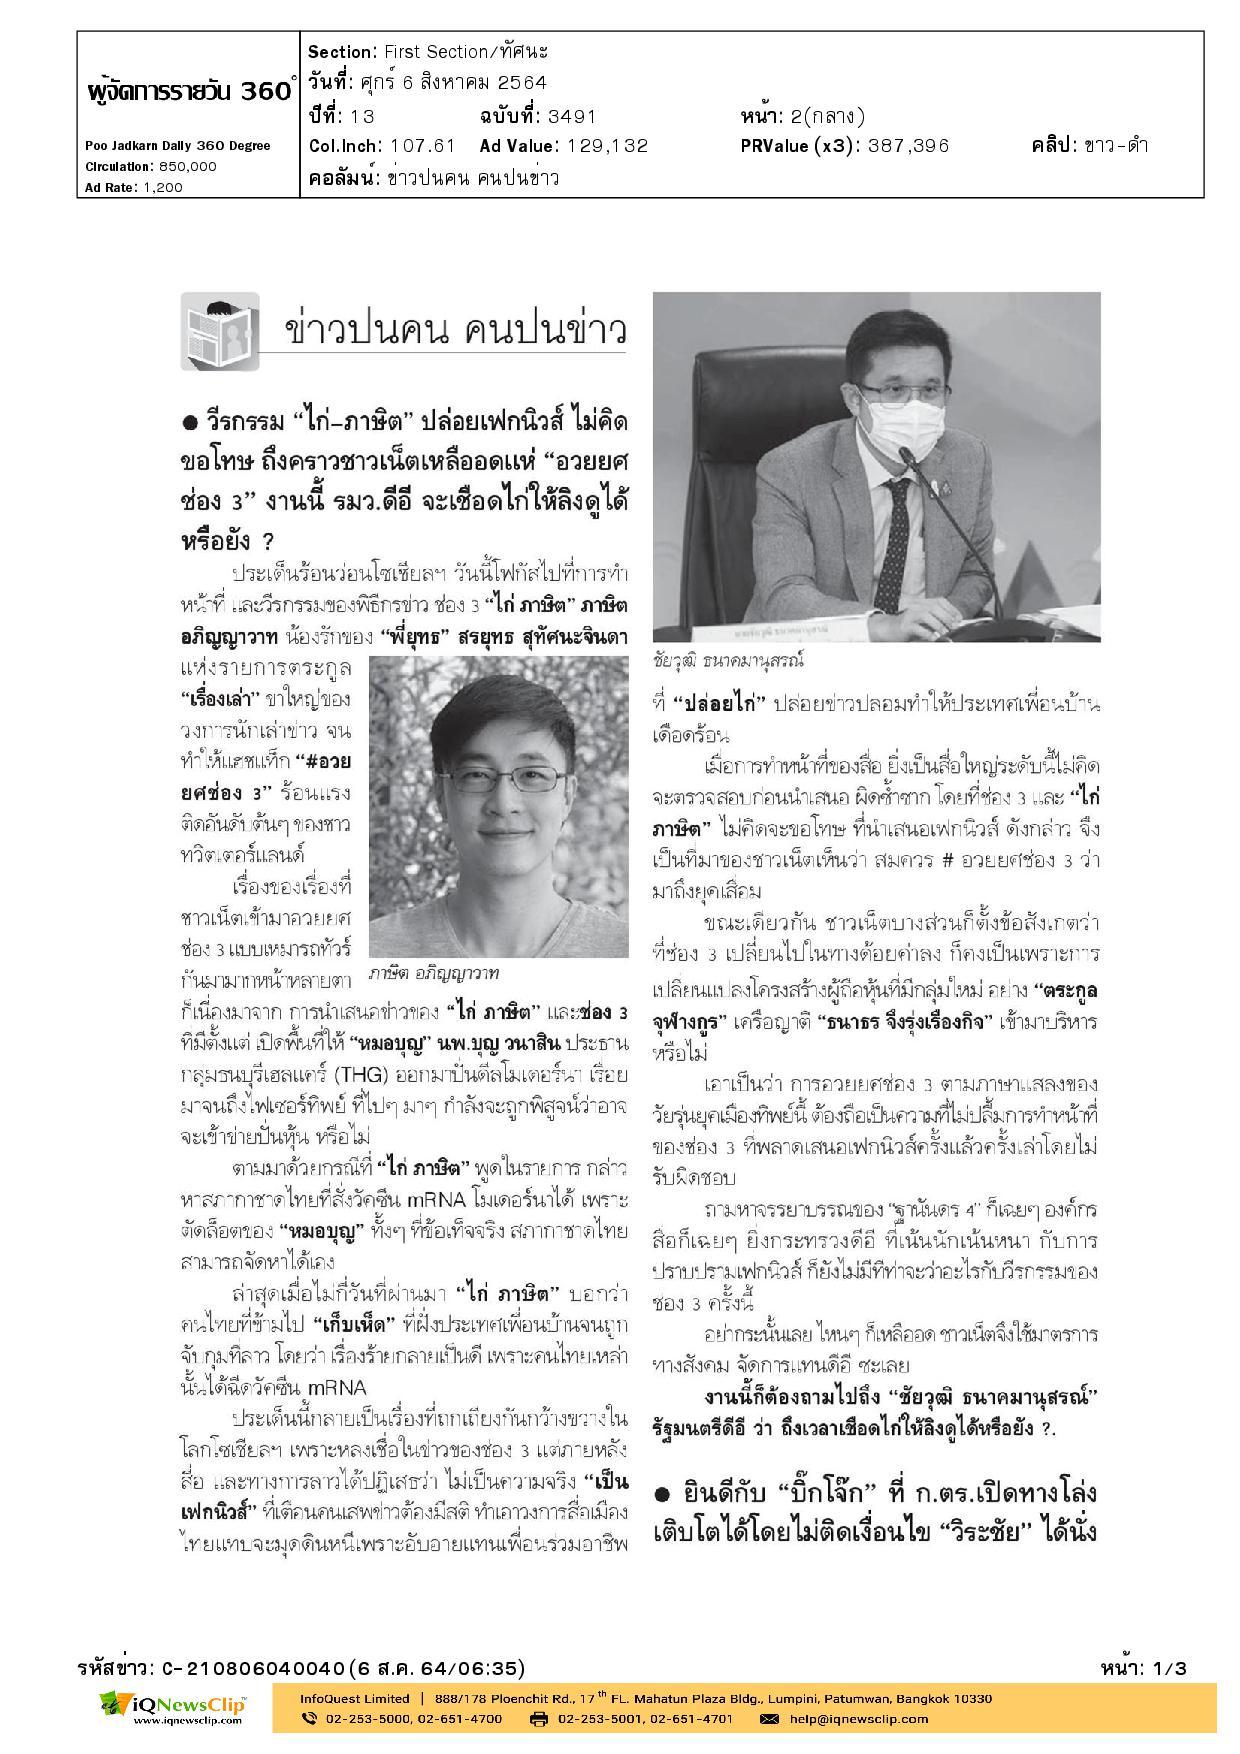 กล่าวหาสภากาชาดไทยตัดล็อตวัคซีนโมเดอร์นาของหมอบุญ